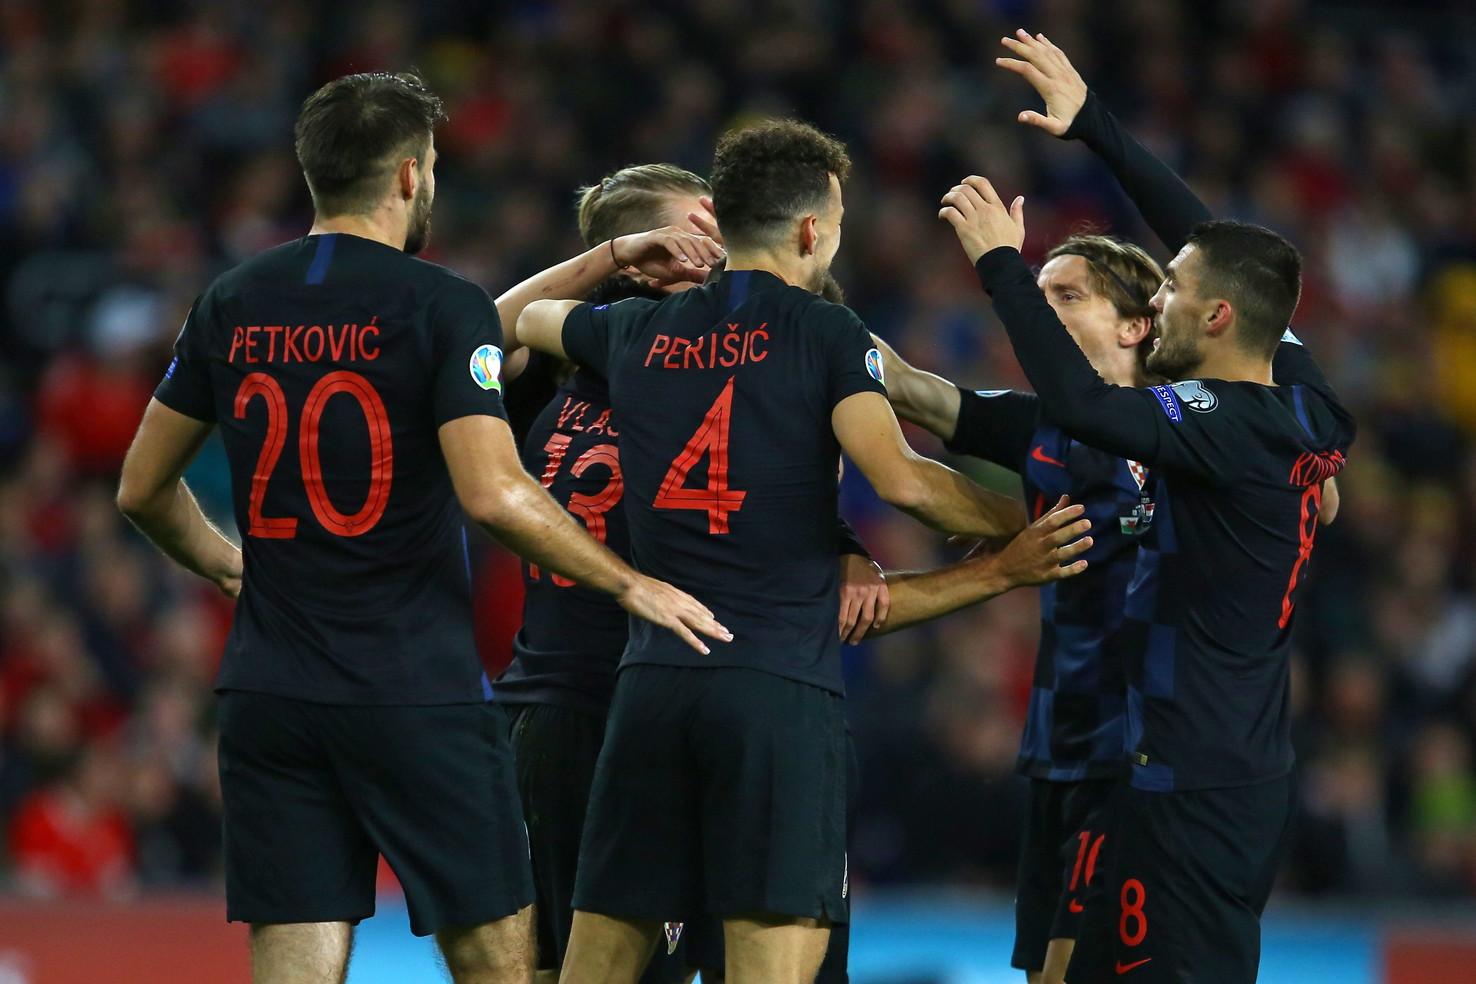 Al Cardiff City Stadium, Galles e Croazia pareggiano 1-1 nella corsa a Euro 2020. Un punto che serve molto di pi&ugrave; ai vicecampioni del mondo, ai quali adesso basta un pareggio nell&#39;ultima partita contro la Slovacchia per qualificarsi. Sono proprio gli ospiti a passare per primi, grazie a un preciso destro di Vlasic dopo nove minuti. Pareggia il solito Bale nel recupero del primo tempo, ma Giggs ora &egrave; a -4 dall&#39;Ungheria nel gruppo E.<br /><br />